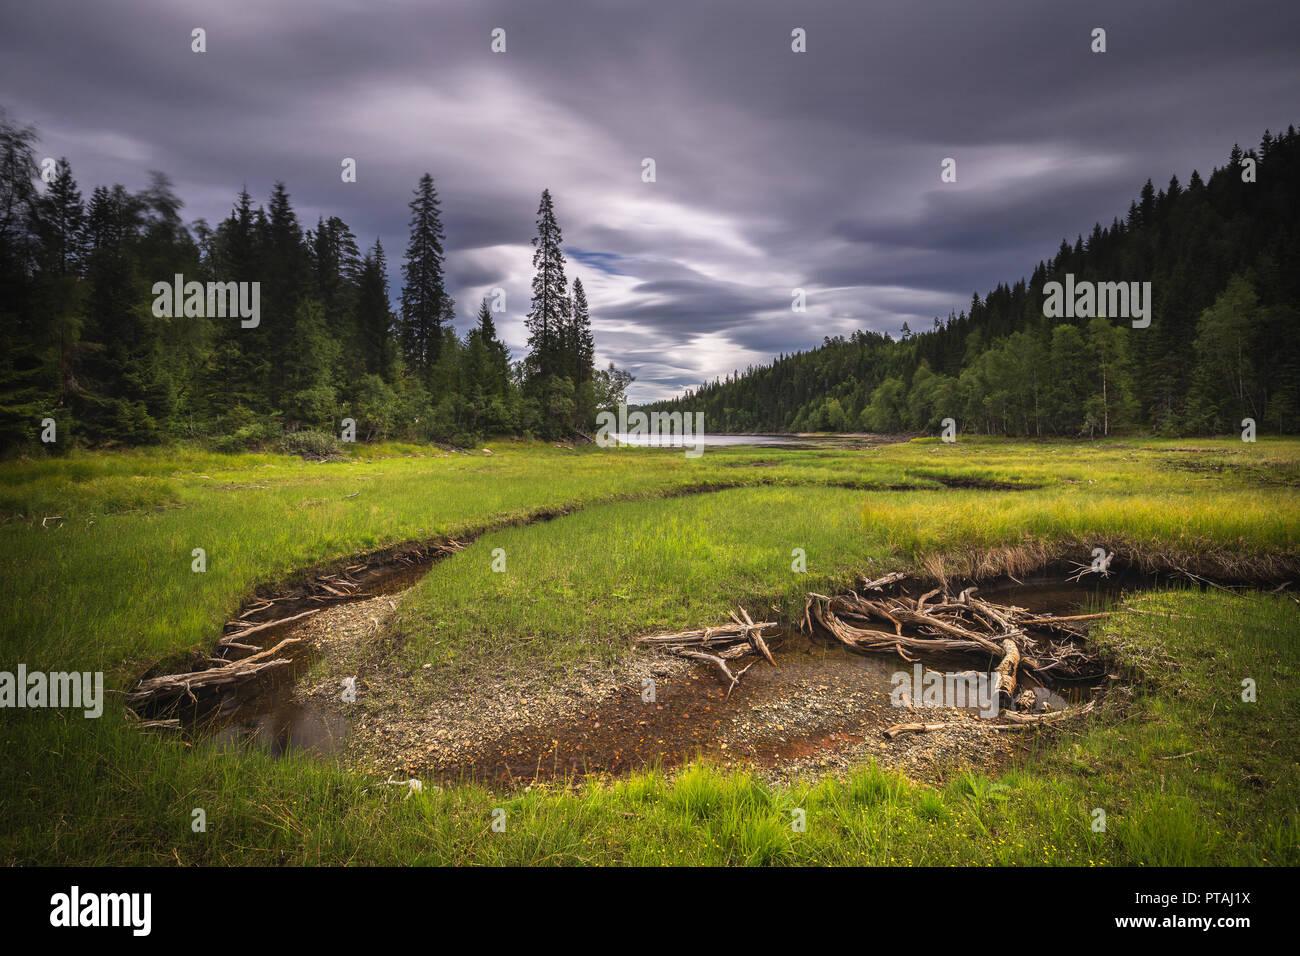 Forest area near Foldsjøen lake, summer time. - Stock Image